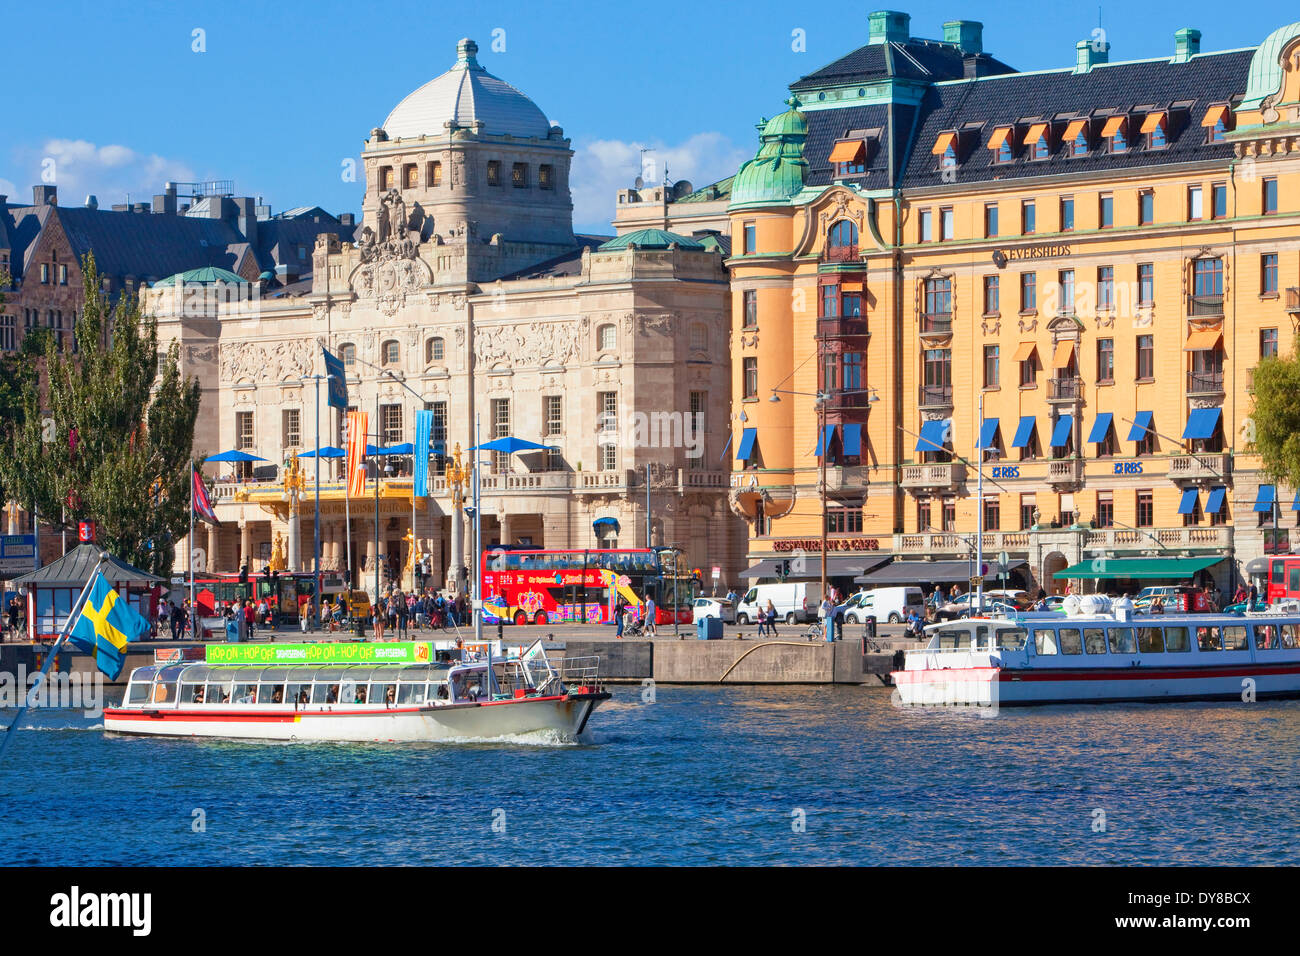 Boot Hauptstädte Tag Dramaten Europa Fähre Stadtflagge Hafen Nordic Nybroviken Outdoors-Leute königlichen dramatischen Theater Sc Stockbild